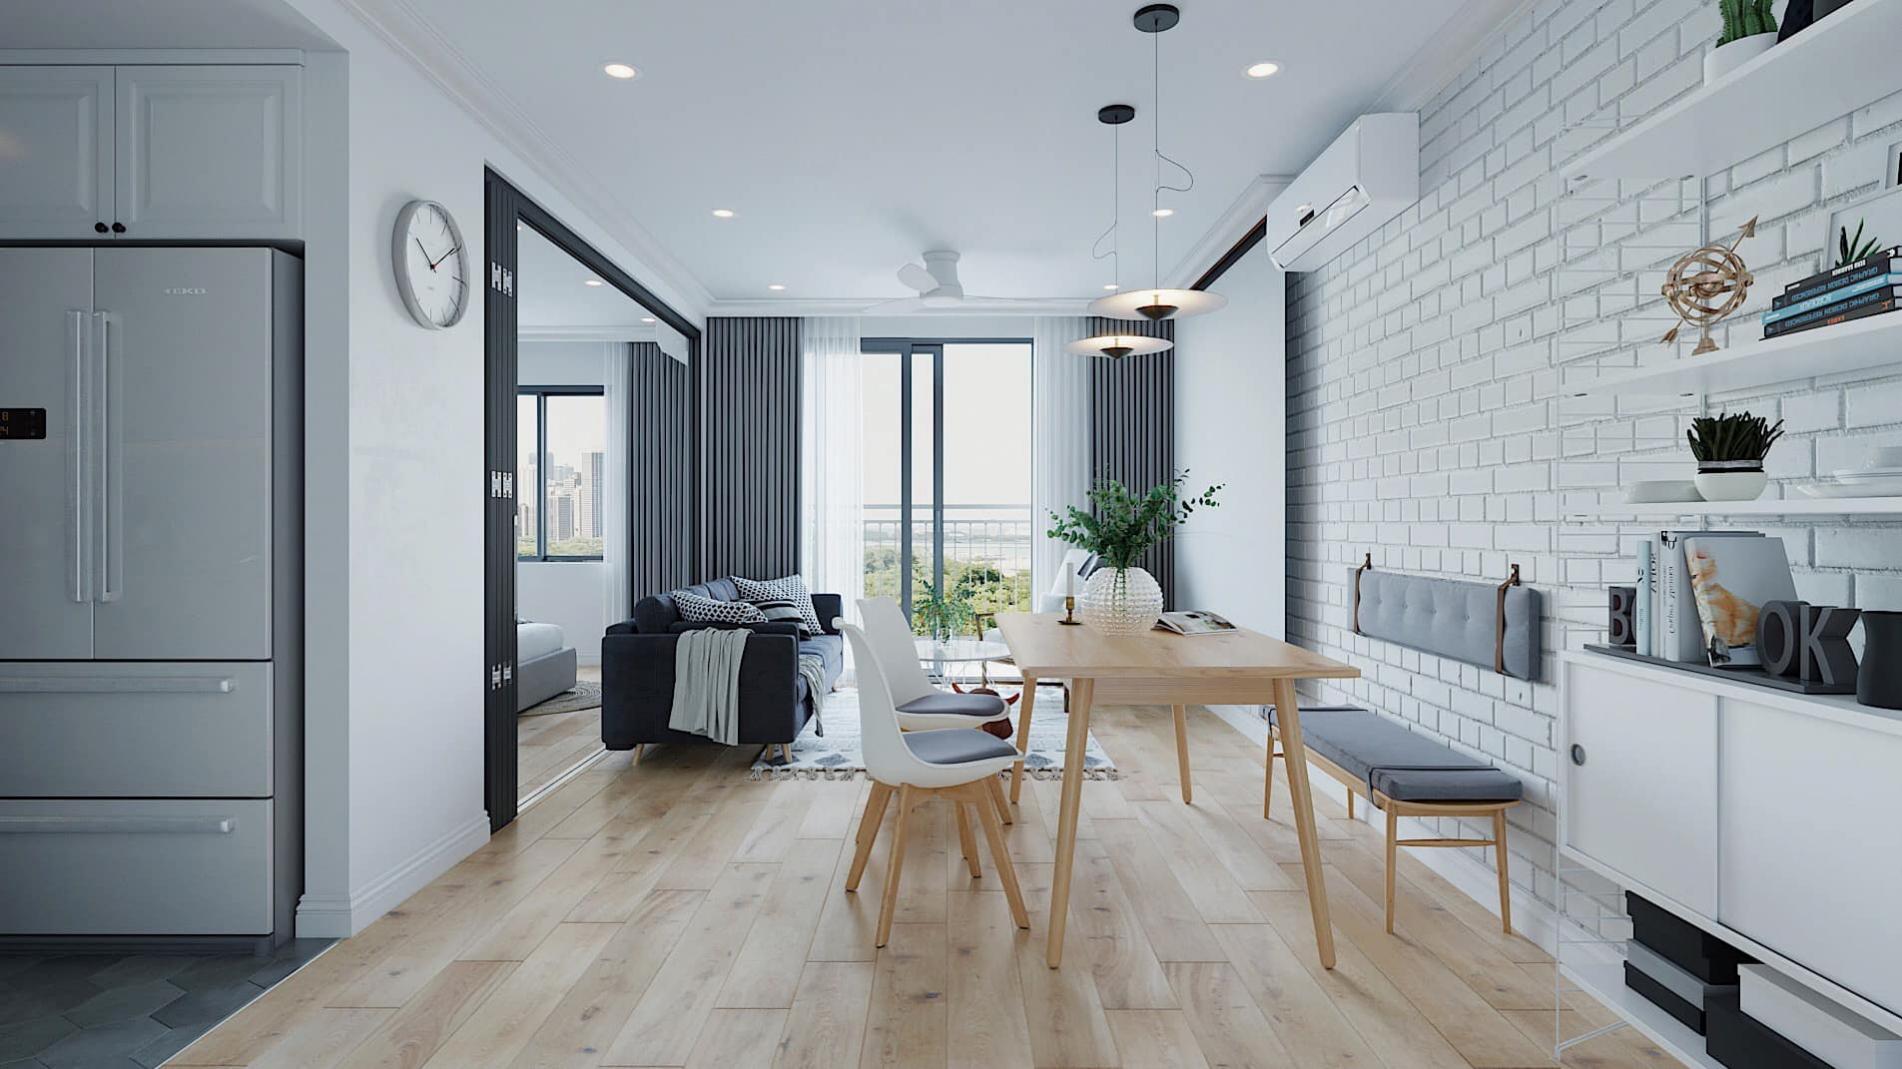 Thiết kế nội thất phòng khách nối liền không gian ăn uống, sinh hoạt chung của gia đình theo phong cách scandinavinan